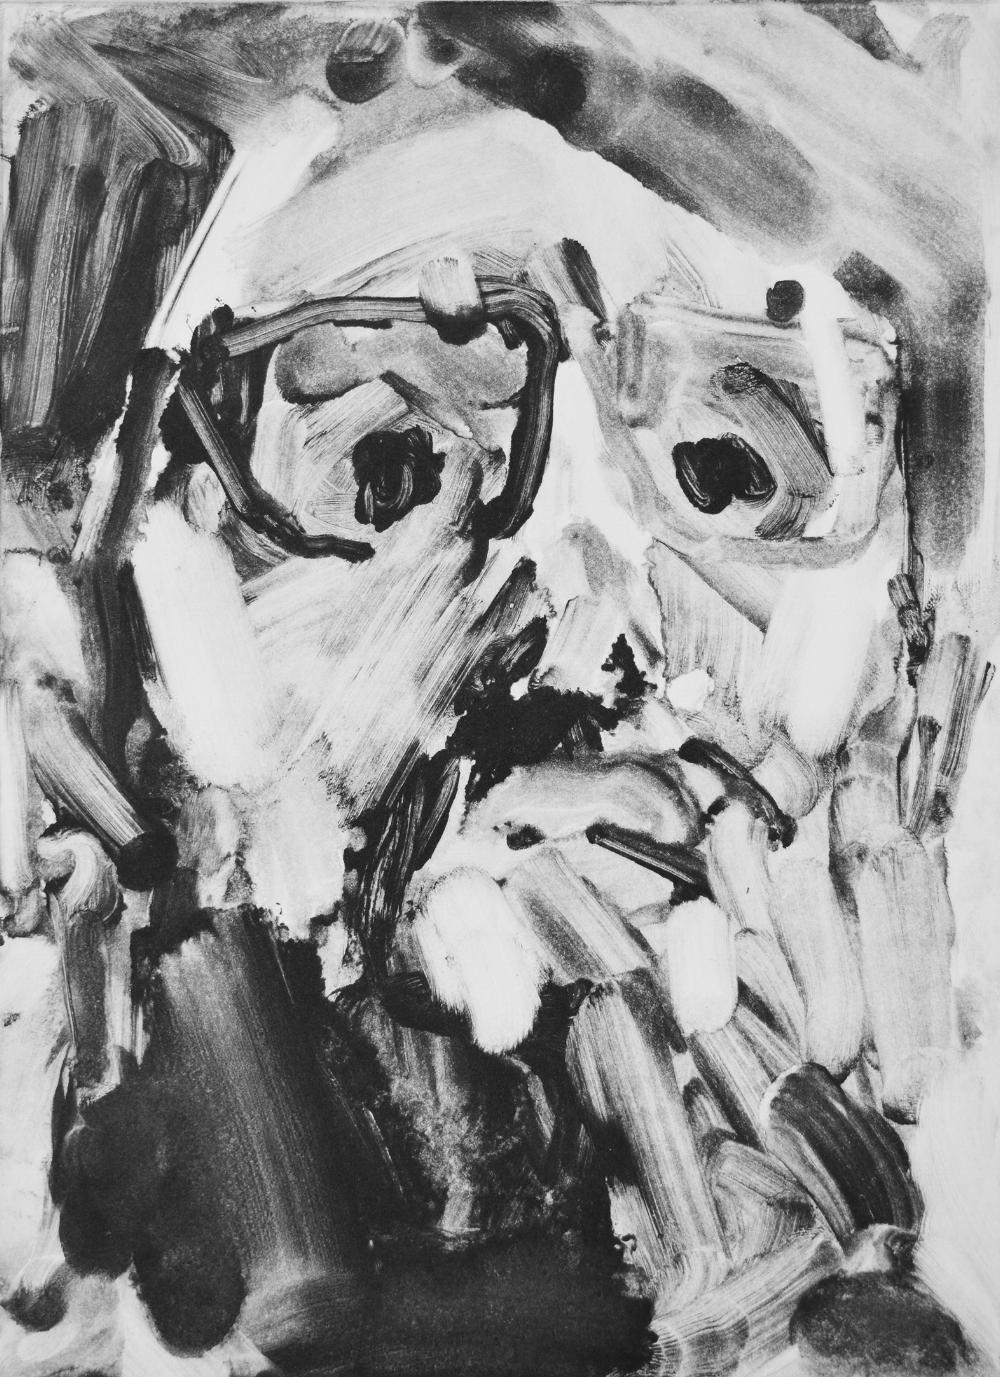 Jake 2016 monotype 22.2 x 16.2 cm